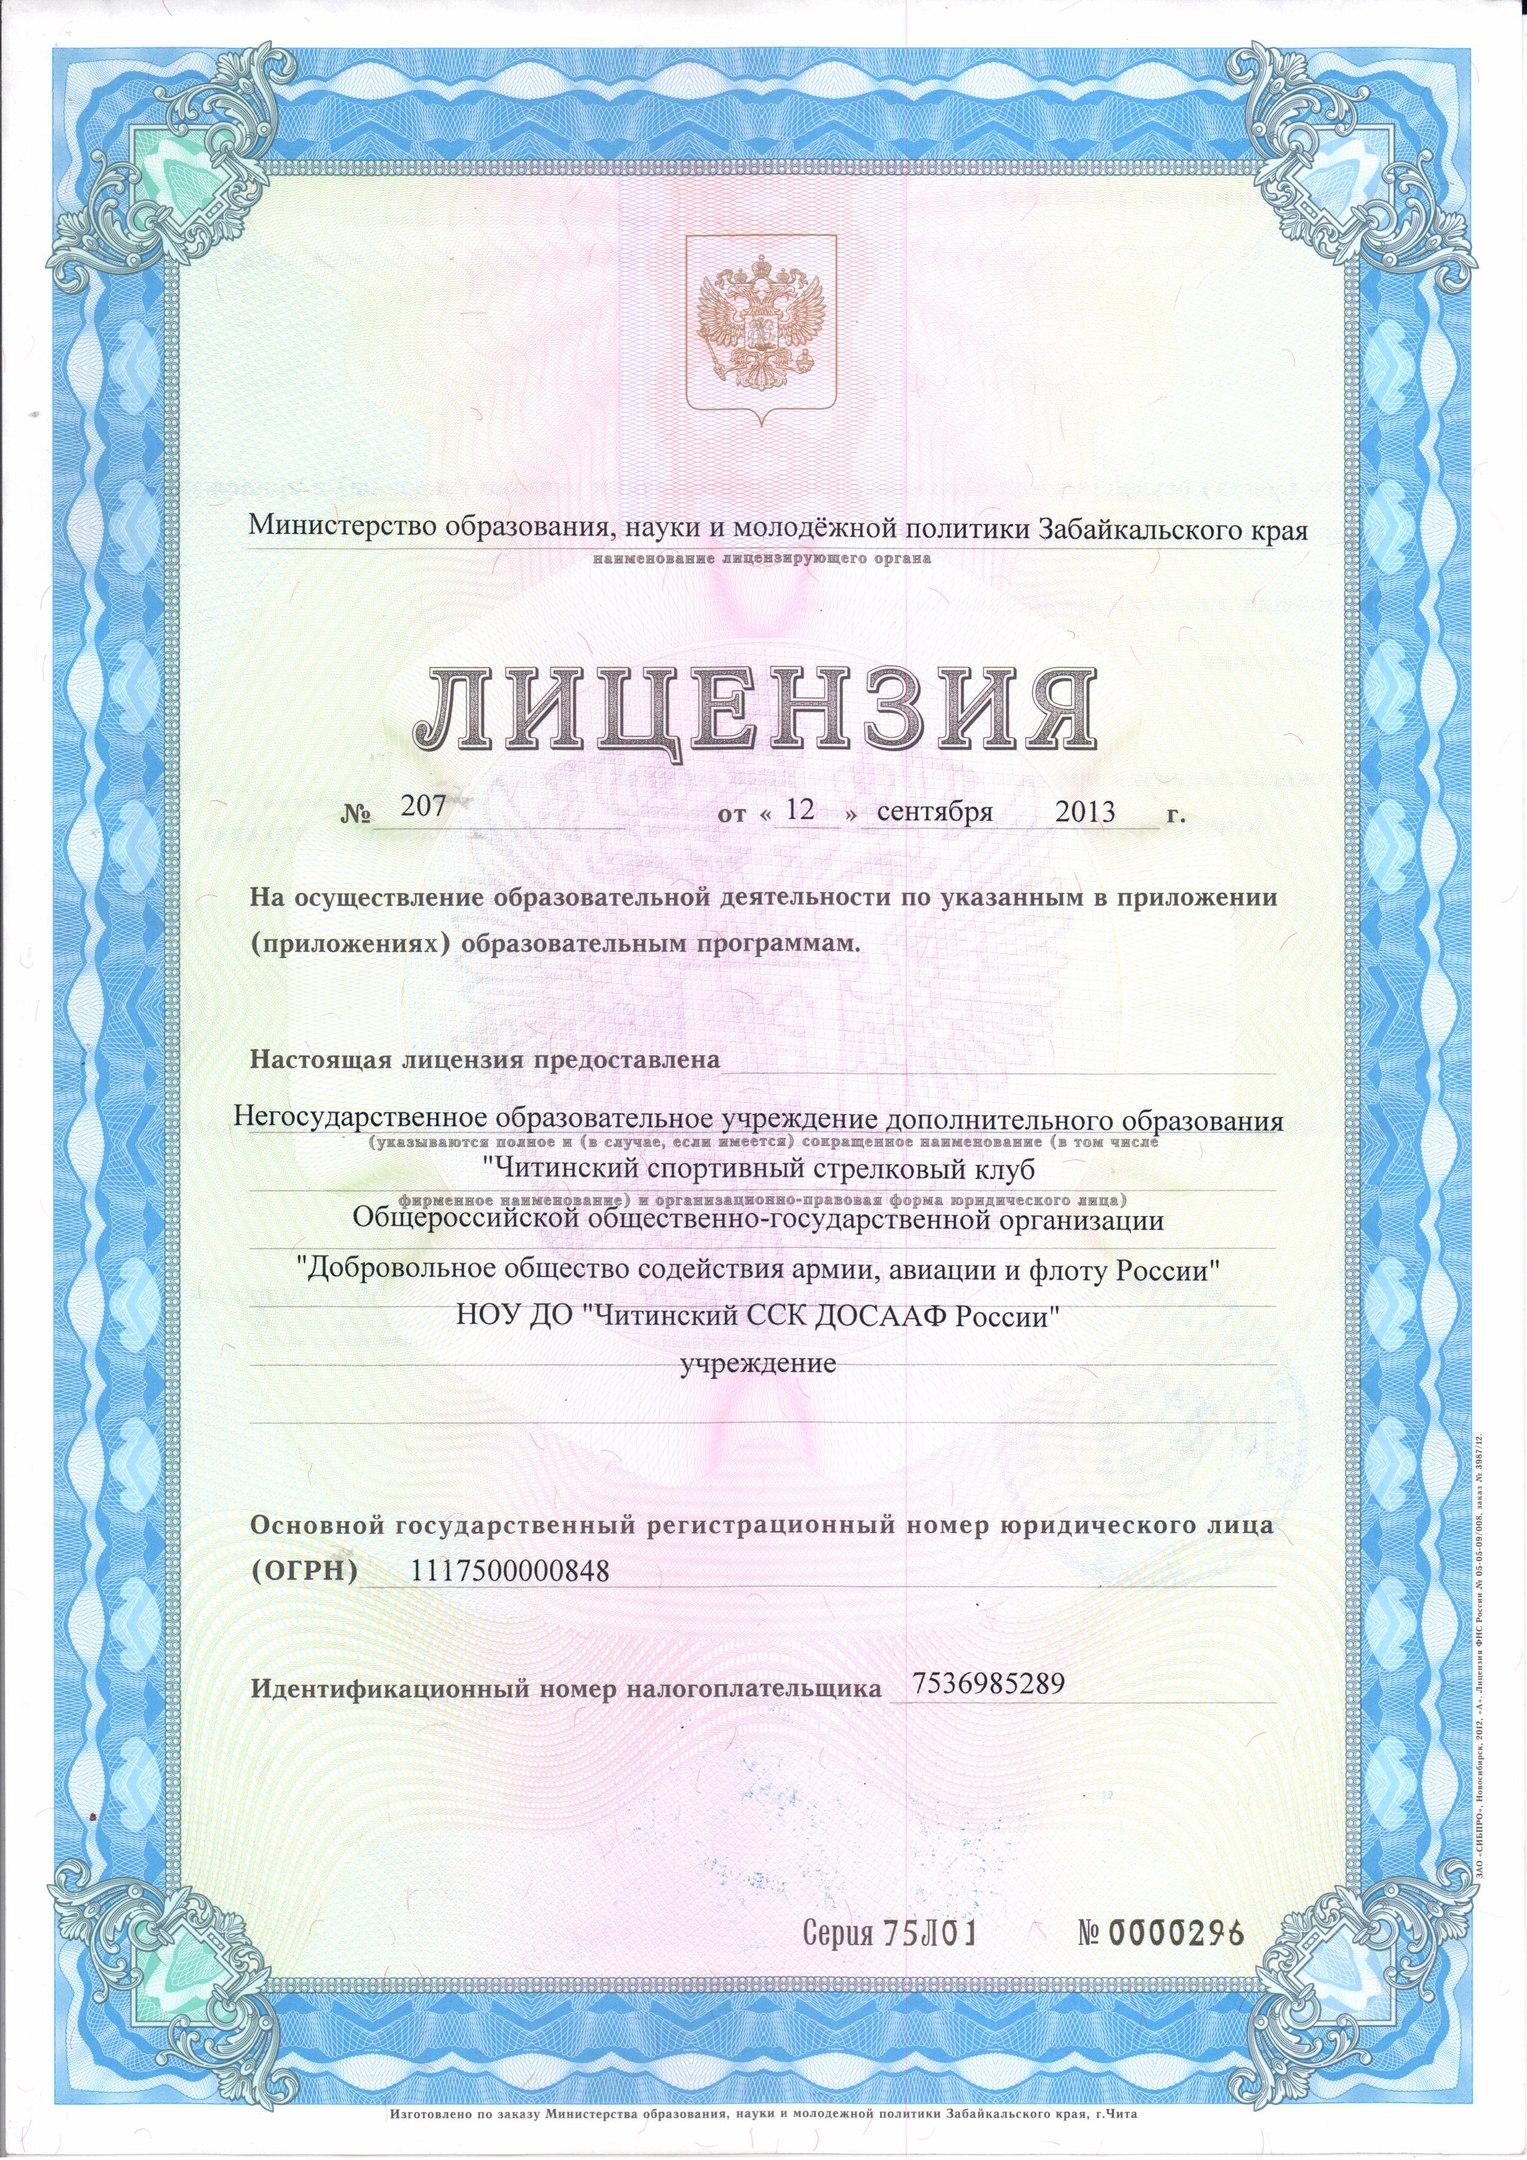 Читинский СК ДОСААФ России